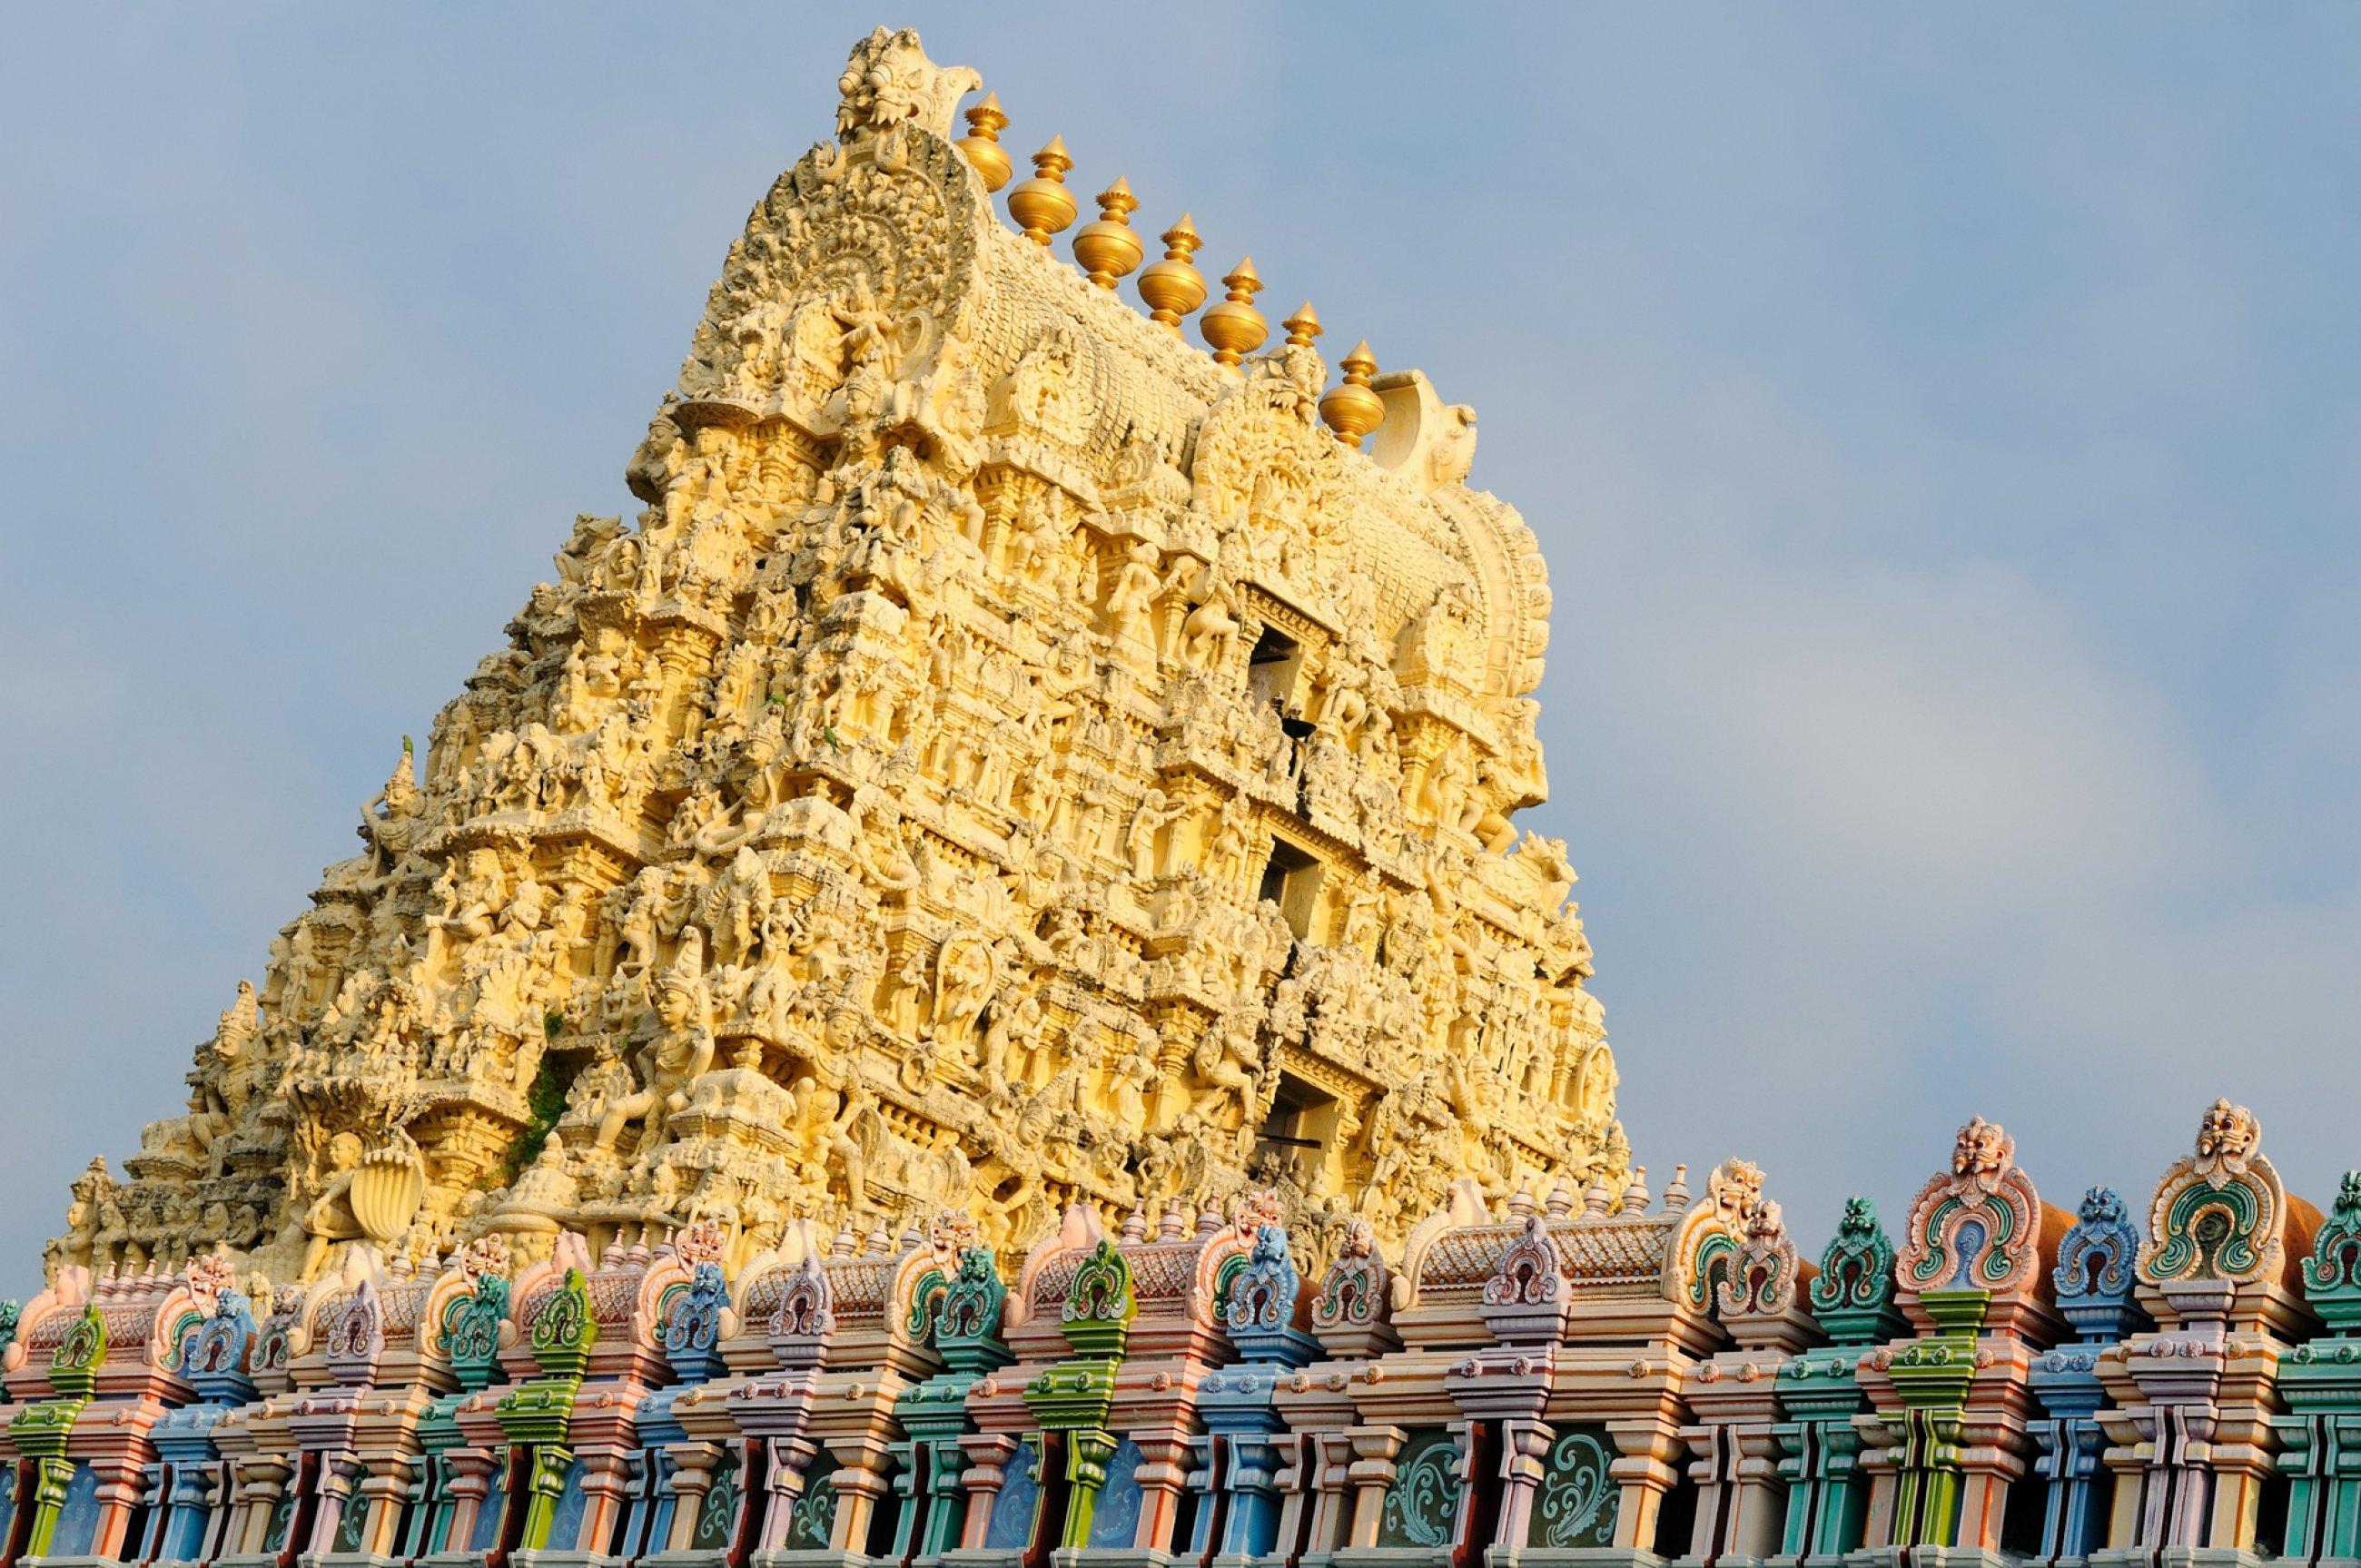 https://bubo.sk/uploads/galleries/7543/kanchipuram-shutterstock-165622151.jpg